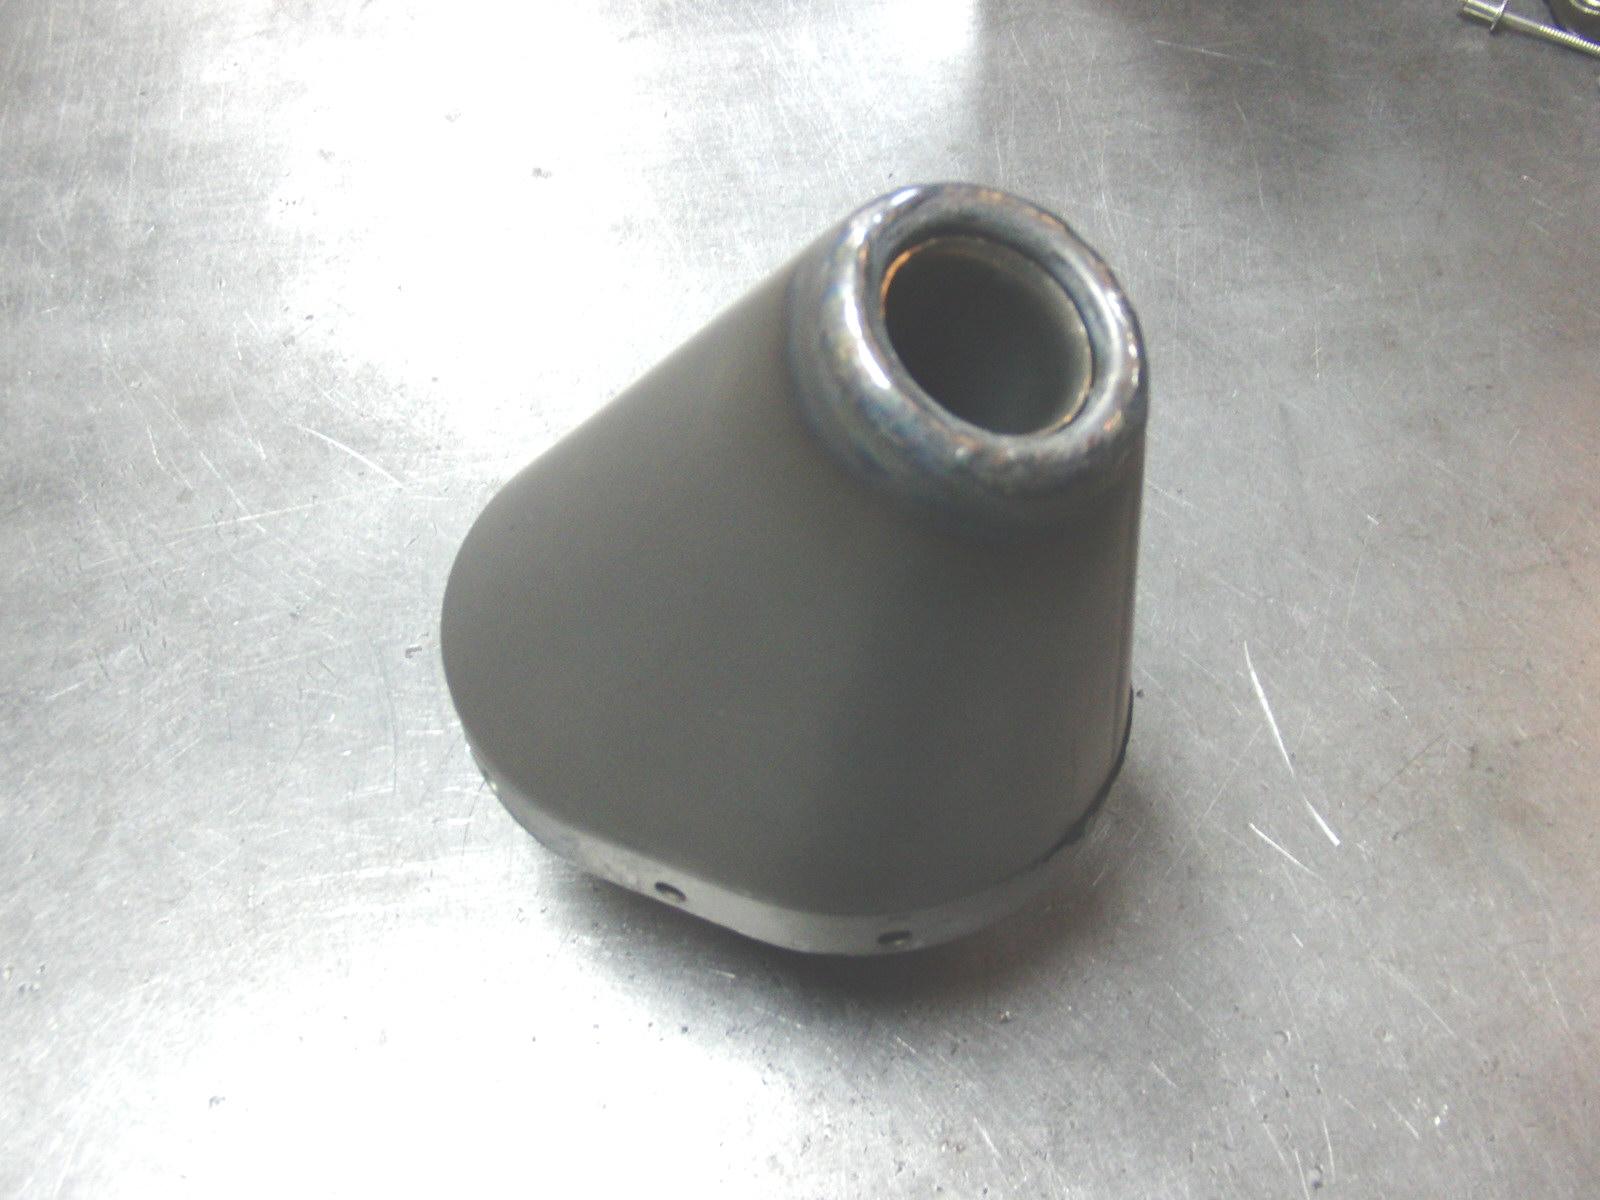 http://www.precious-factory.com/preciousfactory2010/CIMG0716.JPG